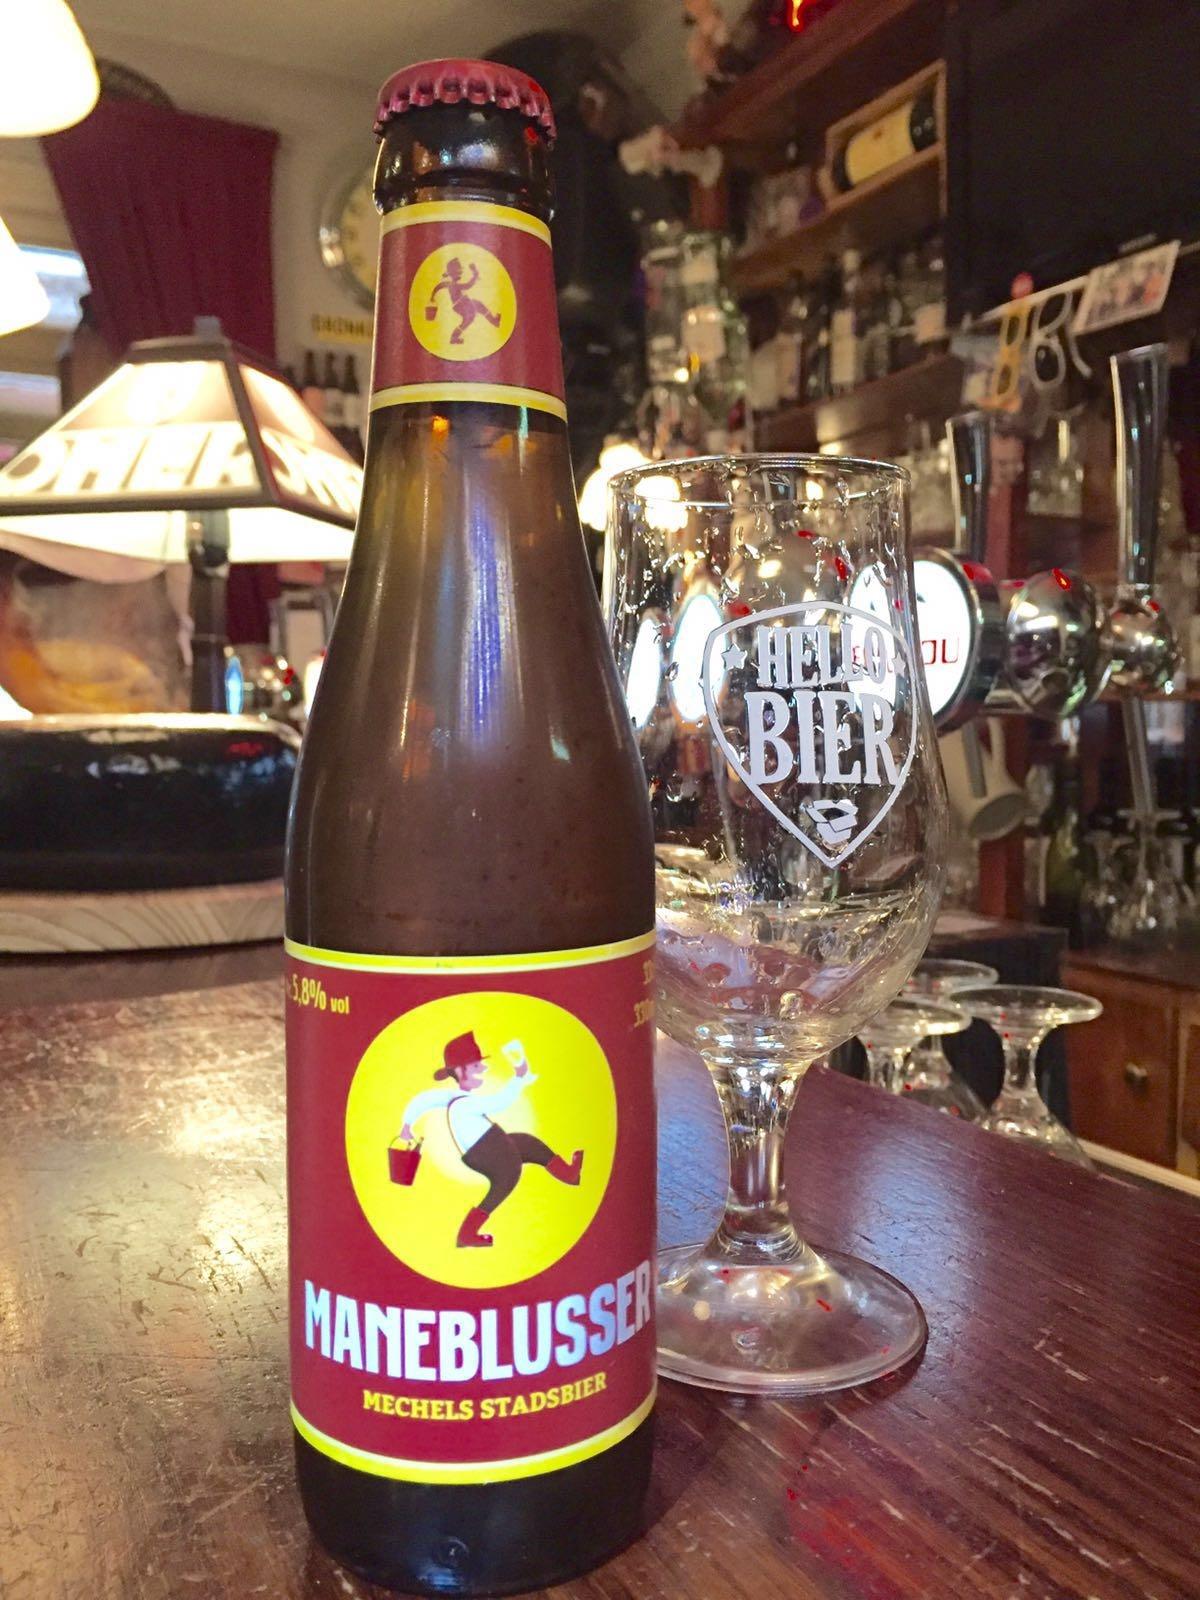 Maneblusser Herkomst: Mechelen, België Maneblusser is een frisse dorstlesser. De brouwer wilde voor de inwoners van Mechelen een toegankelijk blond bier brouwen maar waar wel pit in zit. Voor een speciaalbier heeft dit bier een laag alcoholpercentage. Zoals veel blonde bieren heeft dit bier ook een citrus aroma wat gevolgd wordt door een fijne afdronk. Het bier bevat een alcoholpercentage van 5,8%. Advies serveertemperatuur: 5 graden.